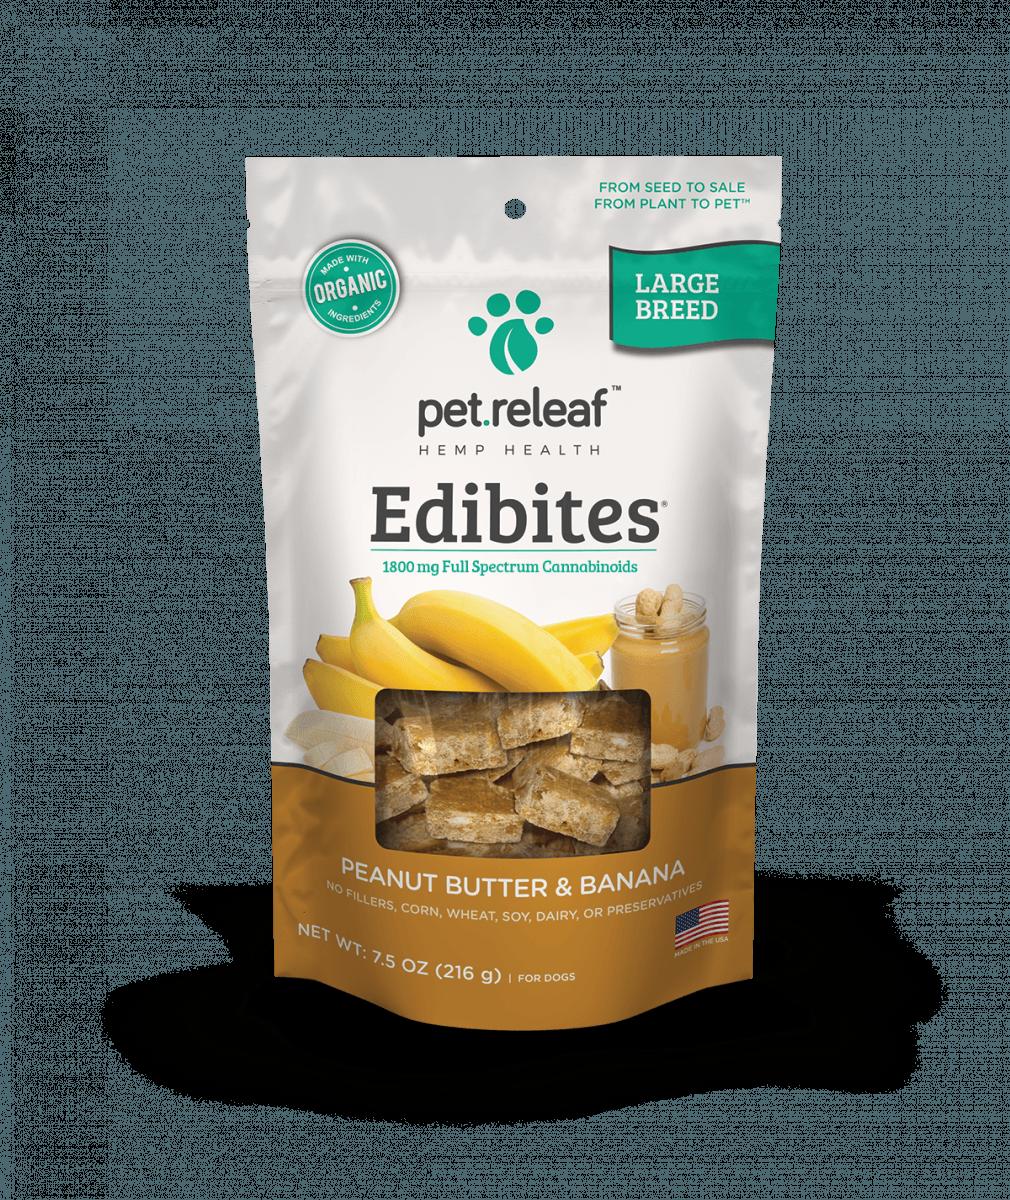 Pet Releaf Edibites peanut butter and banana for large dog breeds